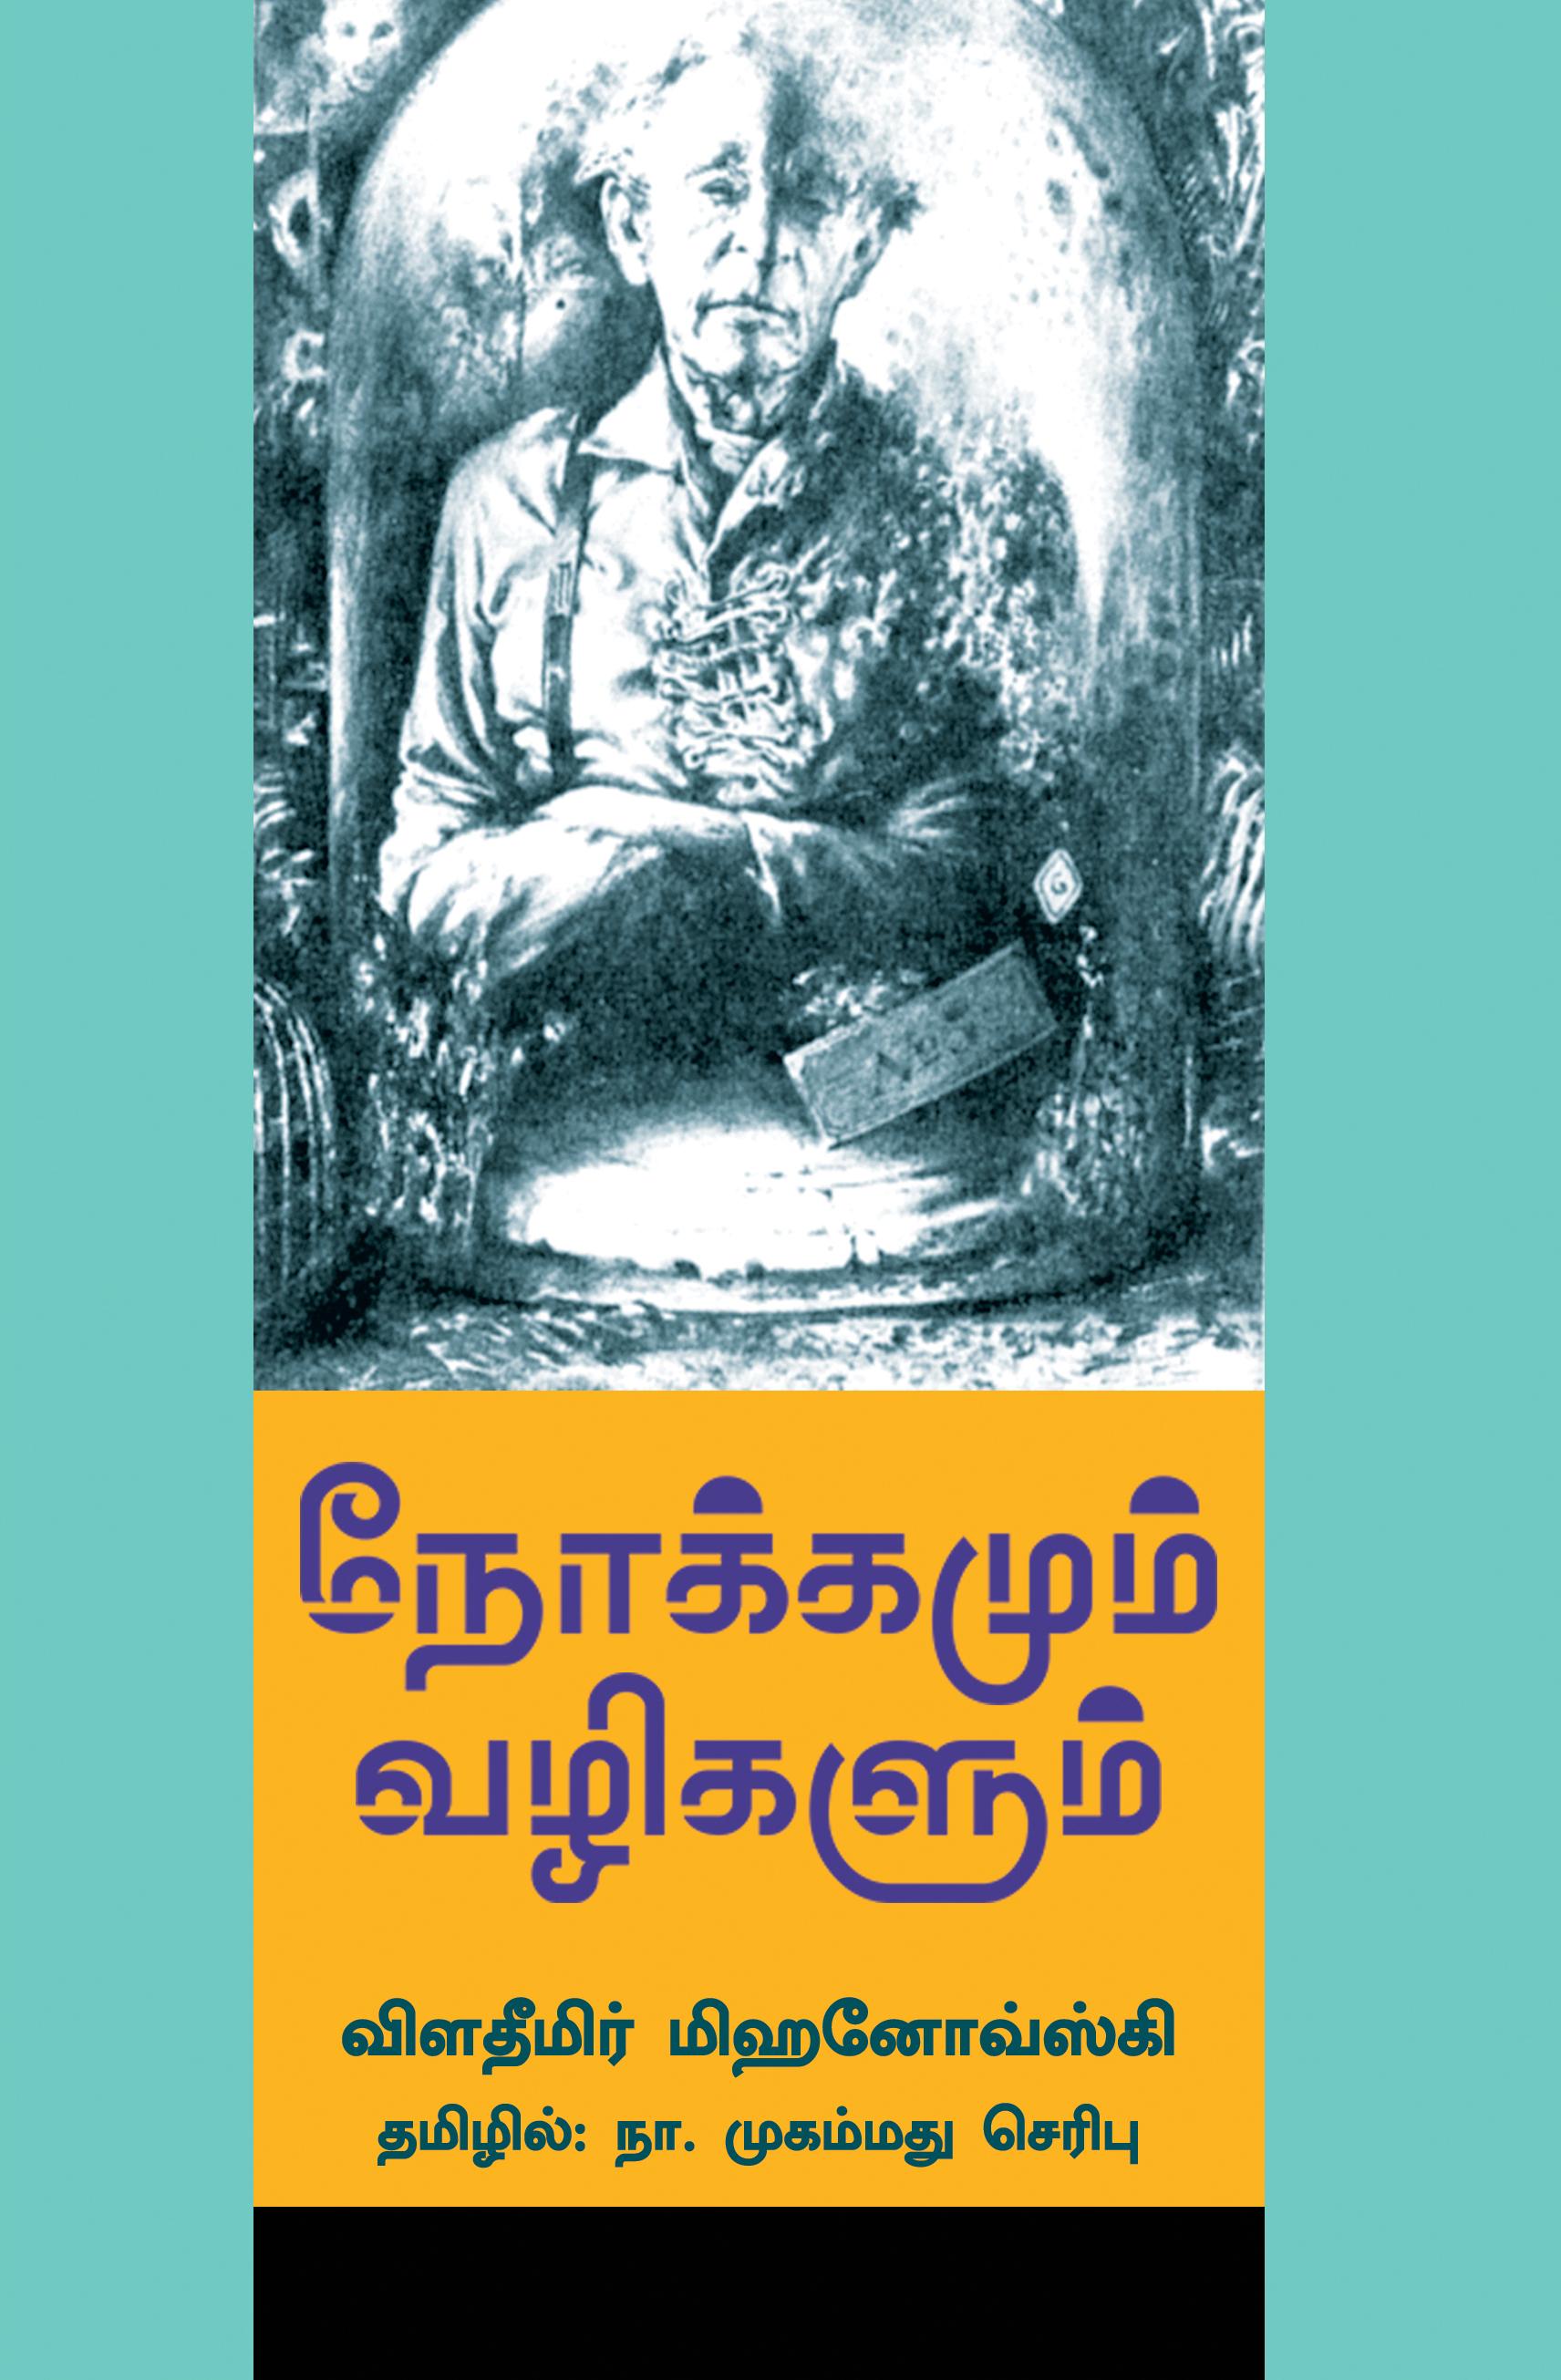 Image result for விளதீமிர் மிஹனோவ்ஸ்கி